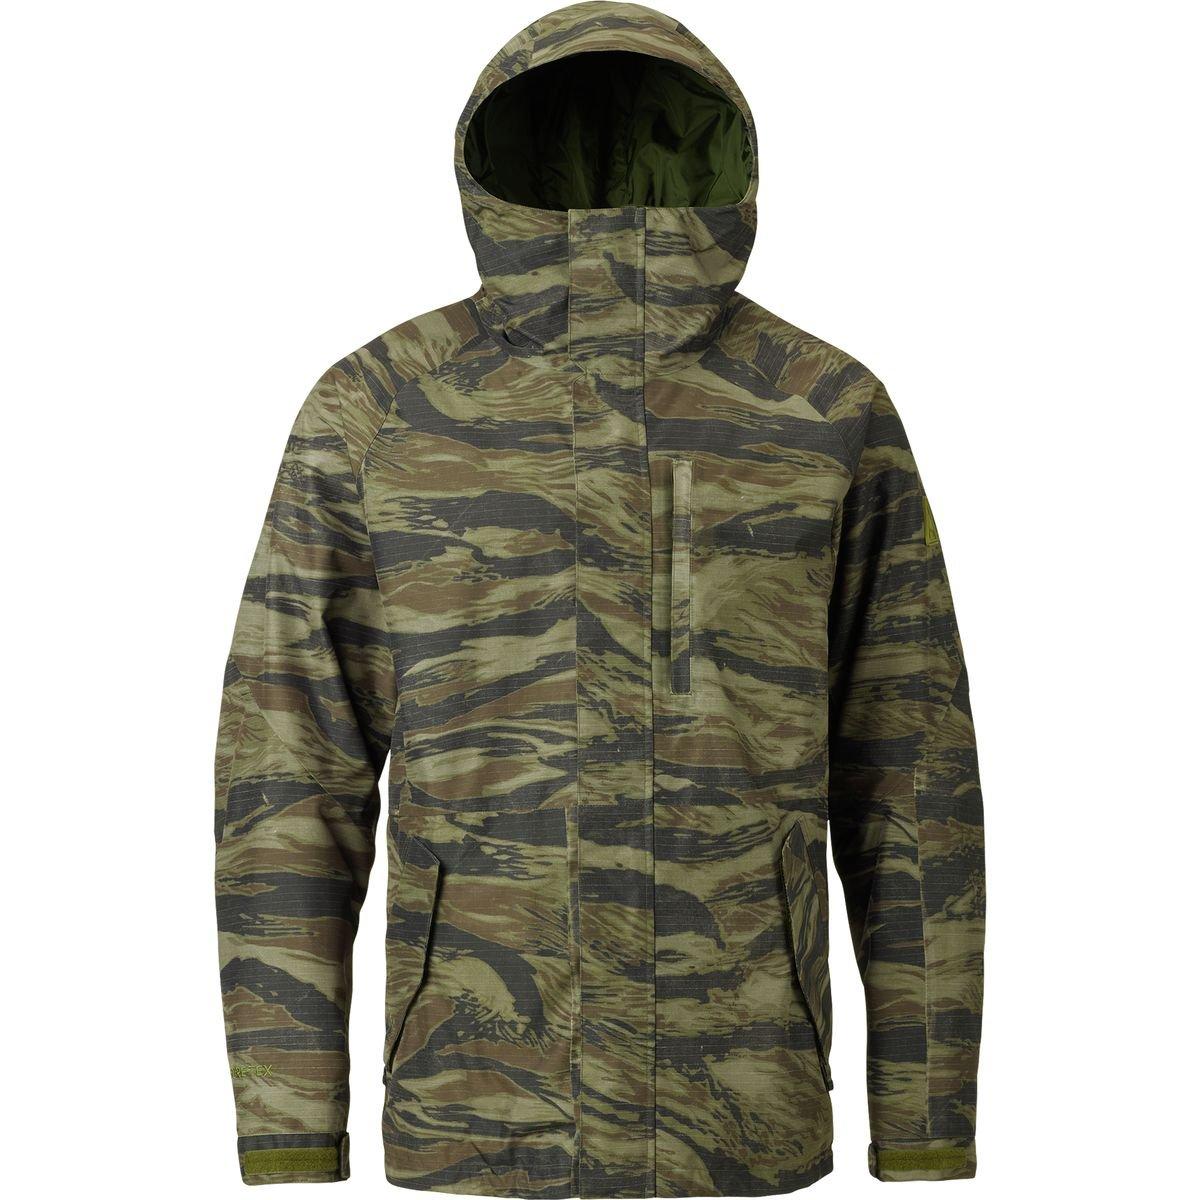 (バートン) Burton Radial Gore-Tex Jacket メンズ ジャケットOlive Green Worn Tiger [並行輸入品] B075JZNZK8  Olive Green Worn Tiger 日本サイズ L (US M)